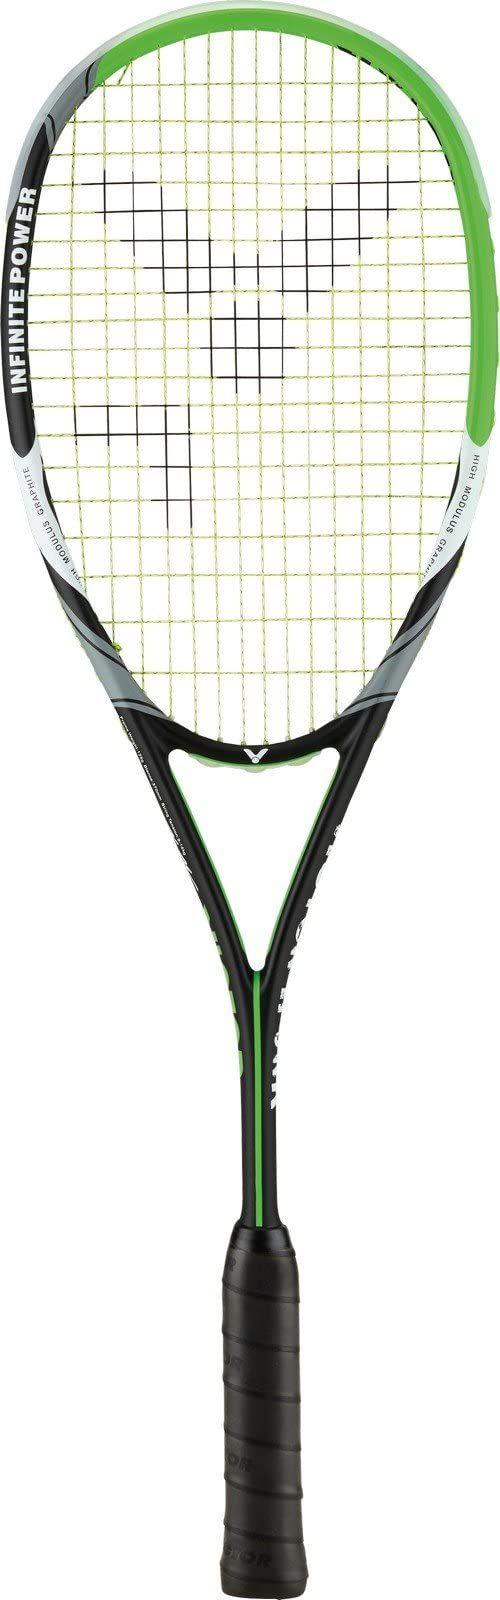 VICTOR IP 9RK rakieta do squasha w jednym rozmiarze